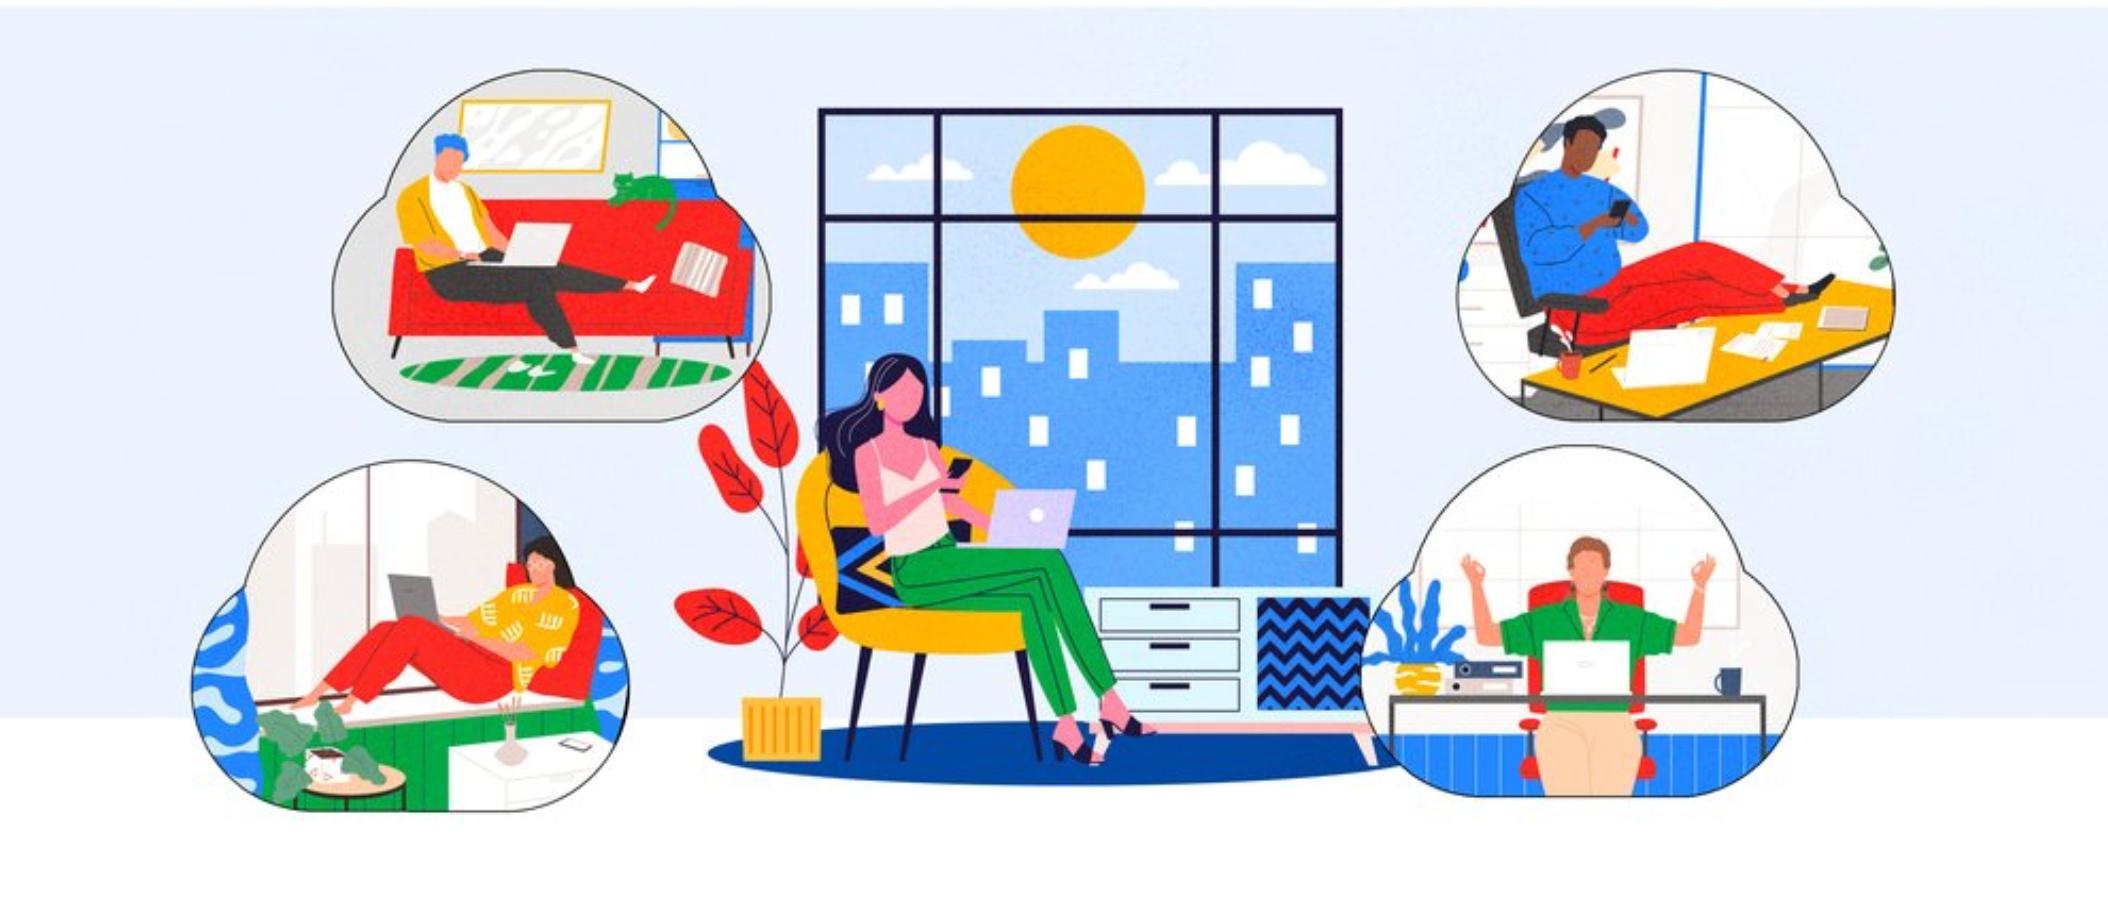 Google Meet za darmo dla każdego. Zoom ma coraz silniejszą konkurencję 17